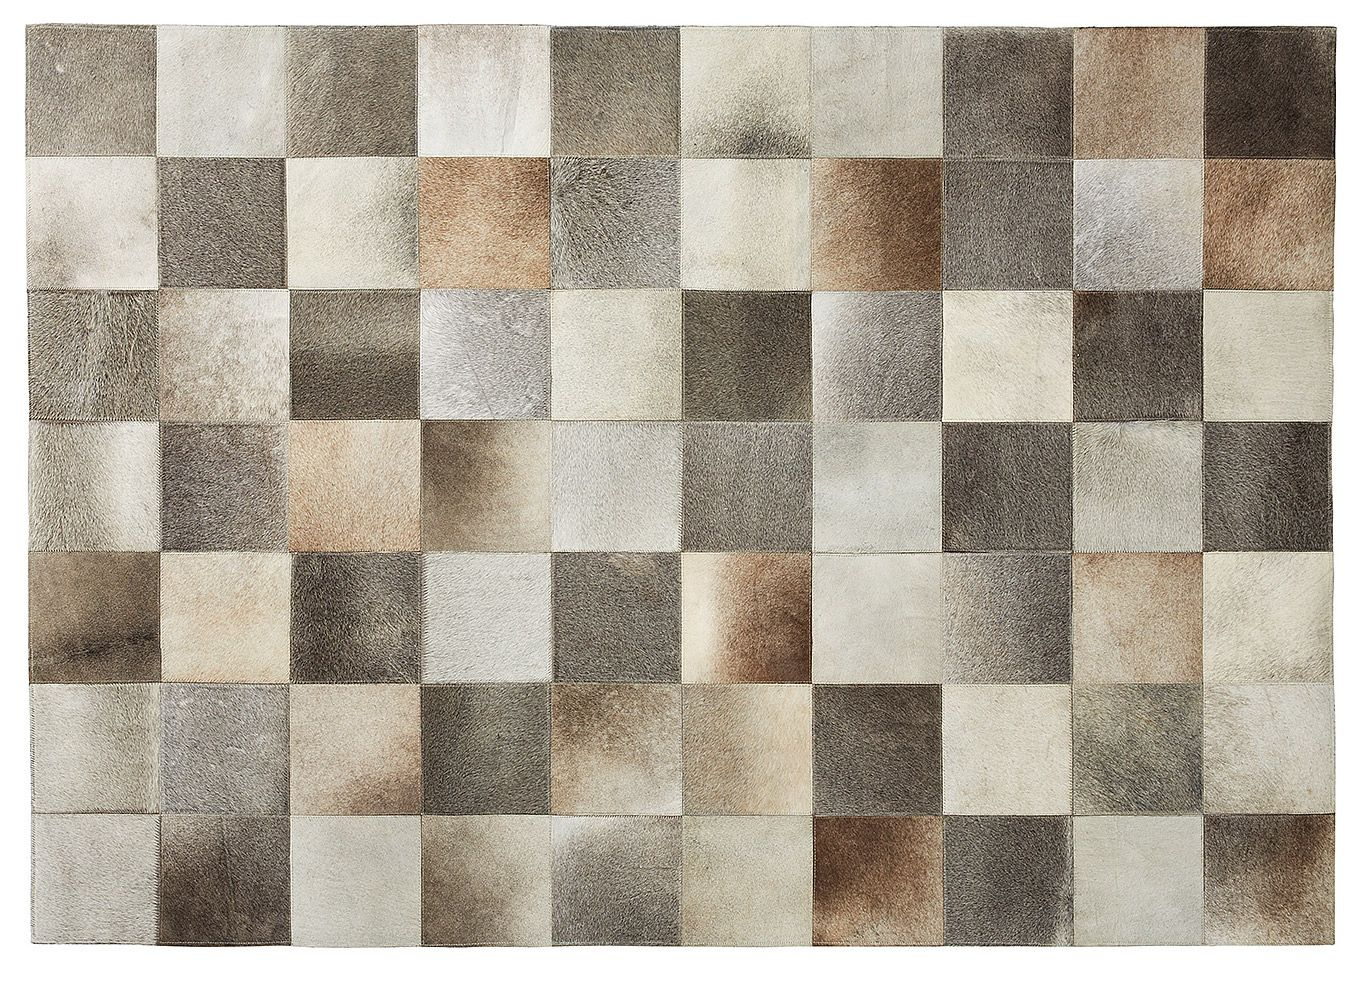 Berber Tapijt Ikea : Berber tapijt ikea beter ikea woonkamer tapijt eethoeken kwantum